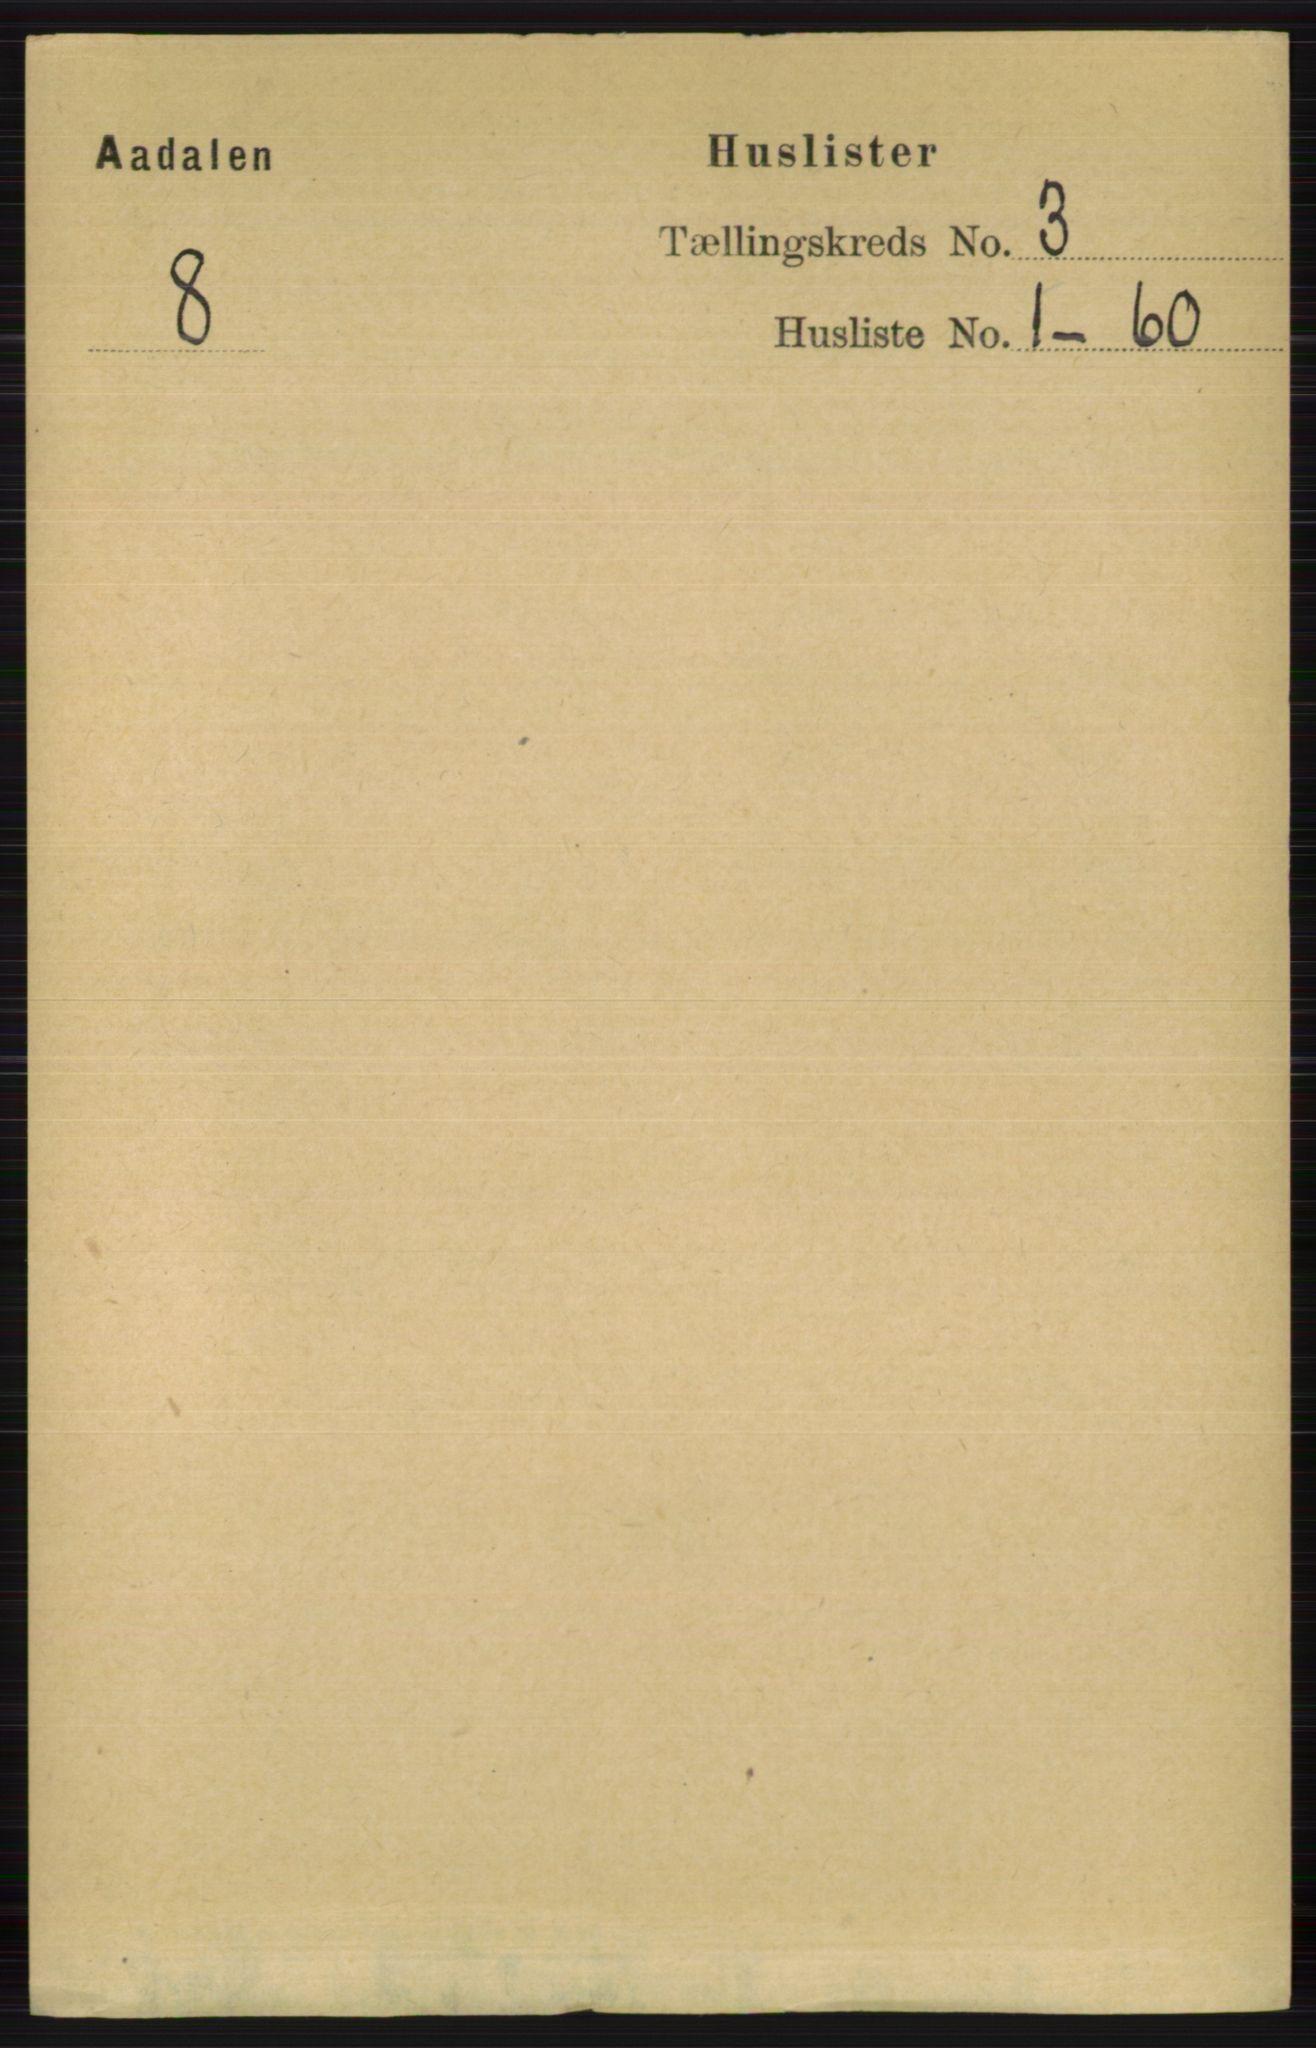 RA, Folketelling 1891 for 0614 Ådal herred, 1891, s. 964